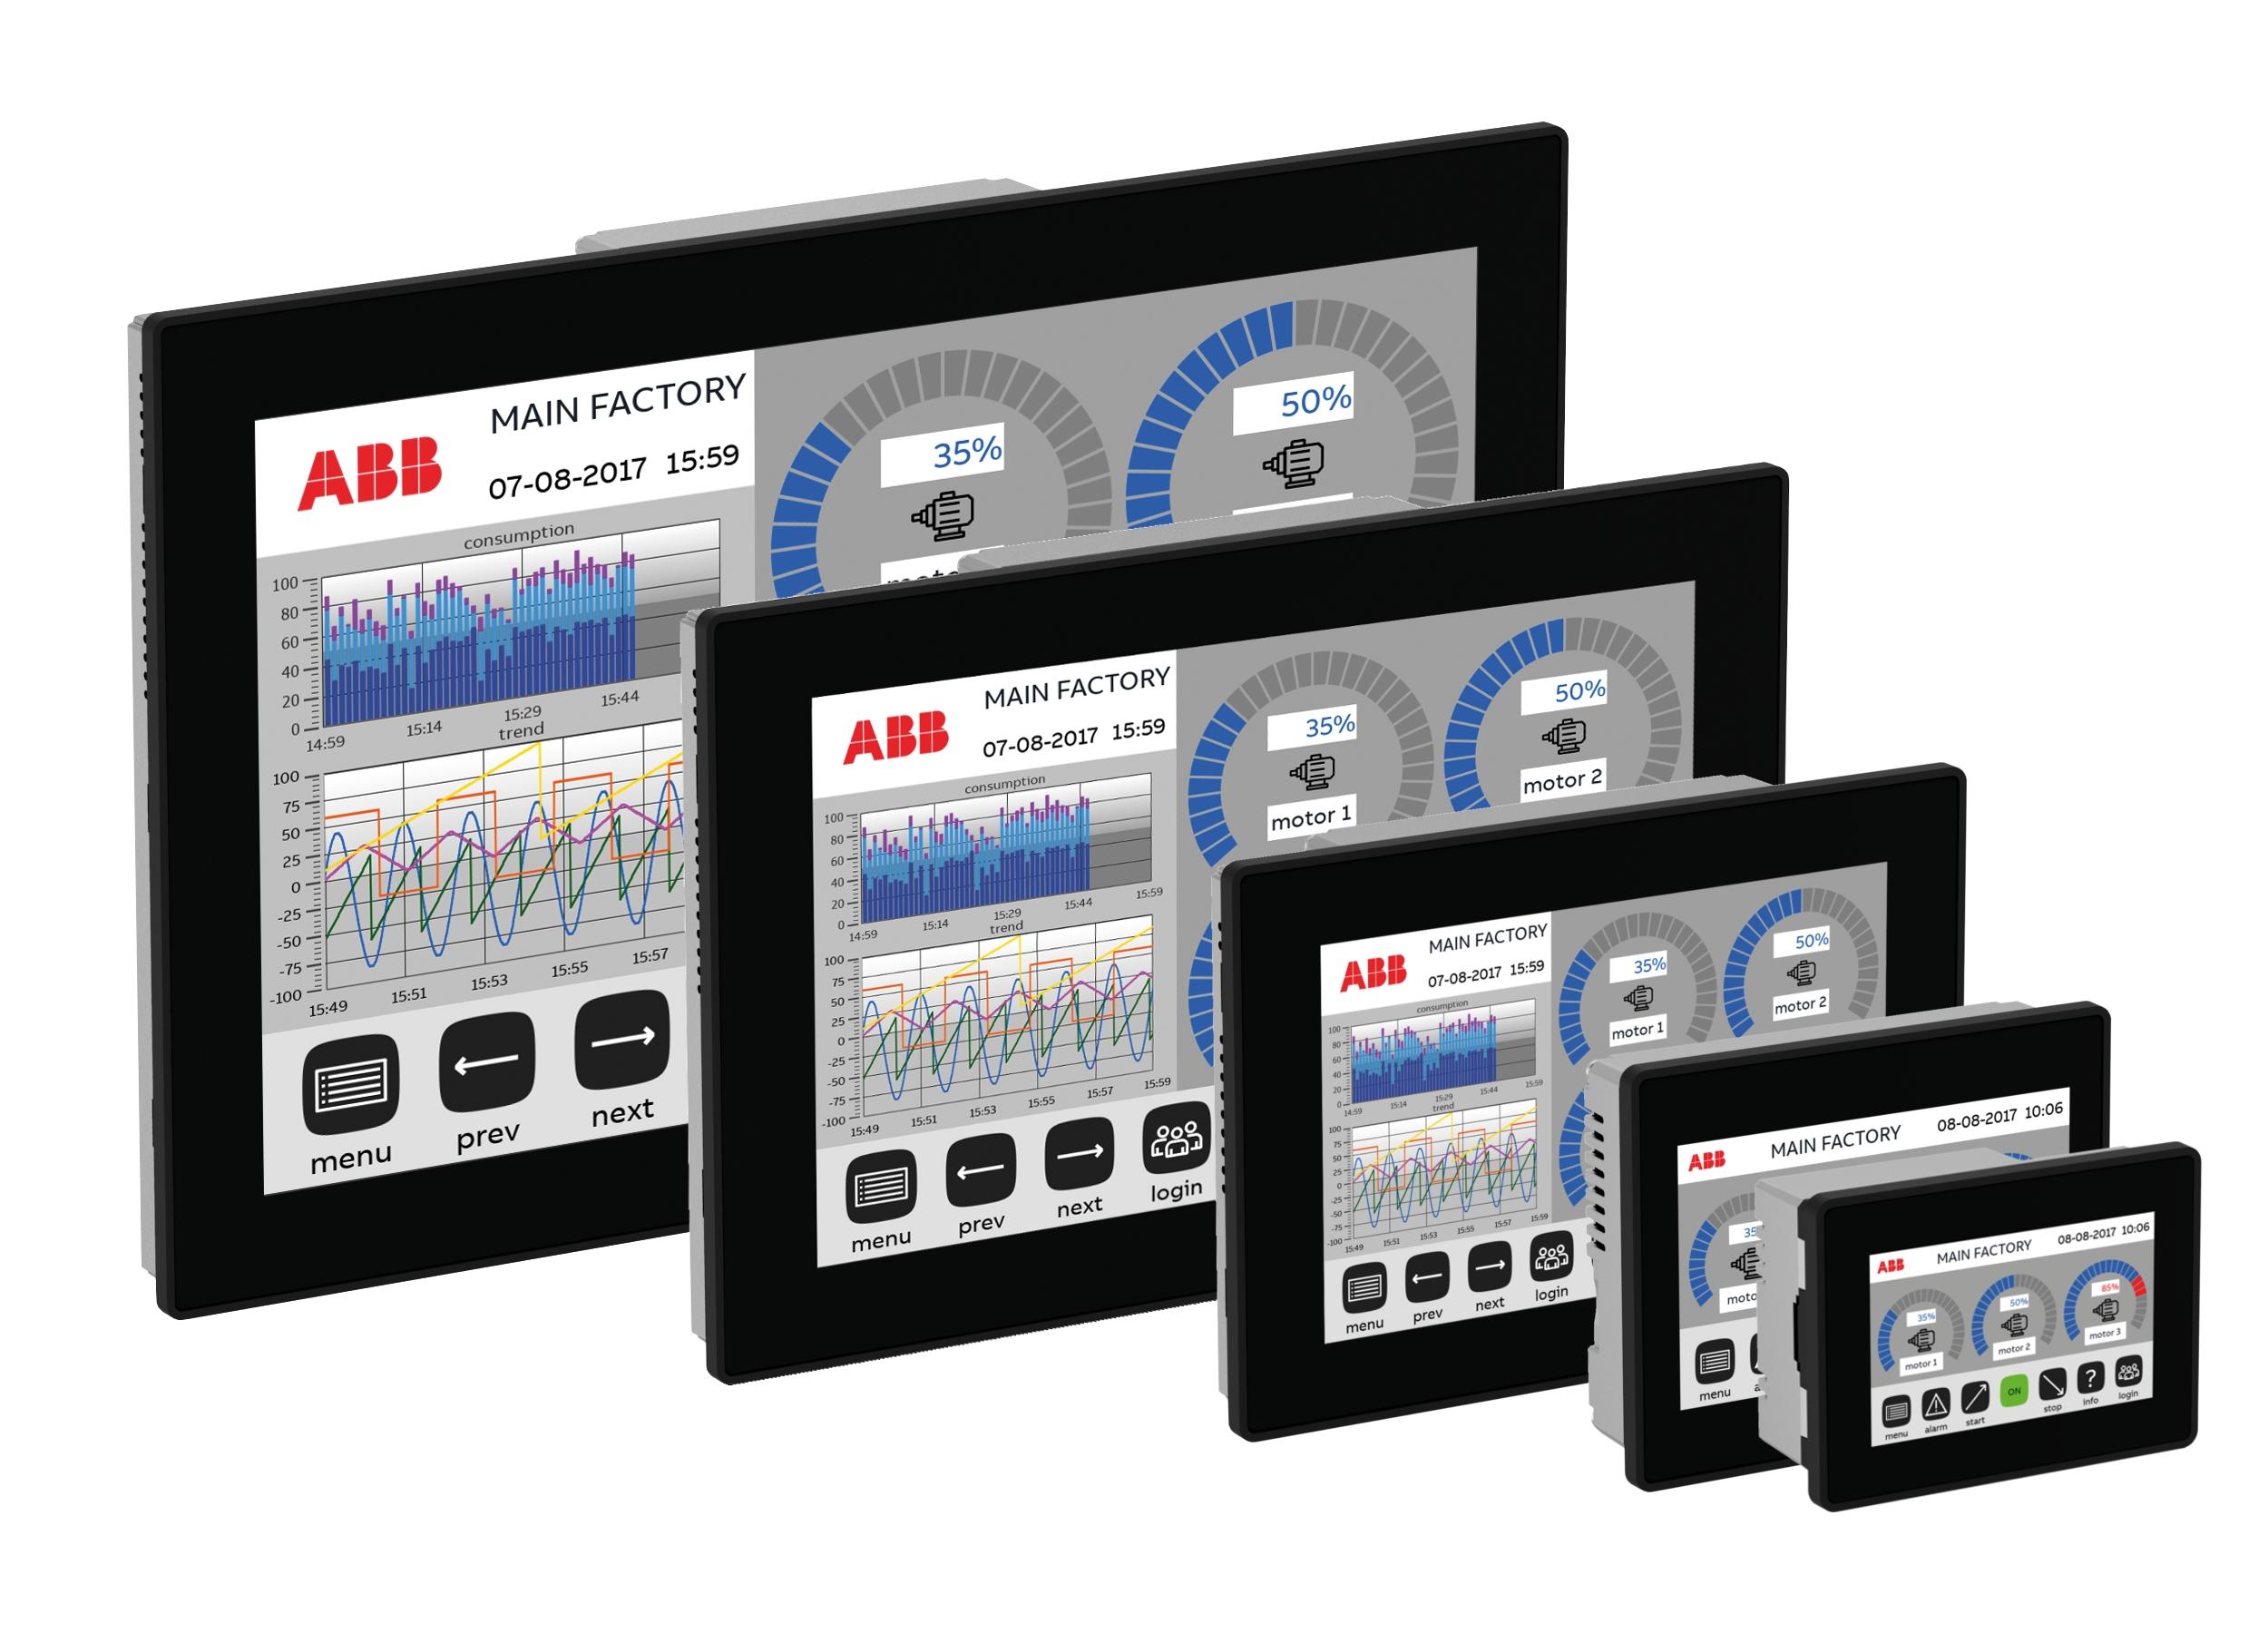 Neues multi-touch Bediengeräte-Portfolio für anspruchsvolle Anwendungen